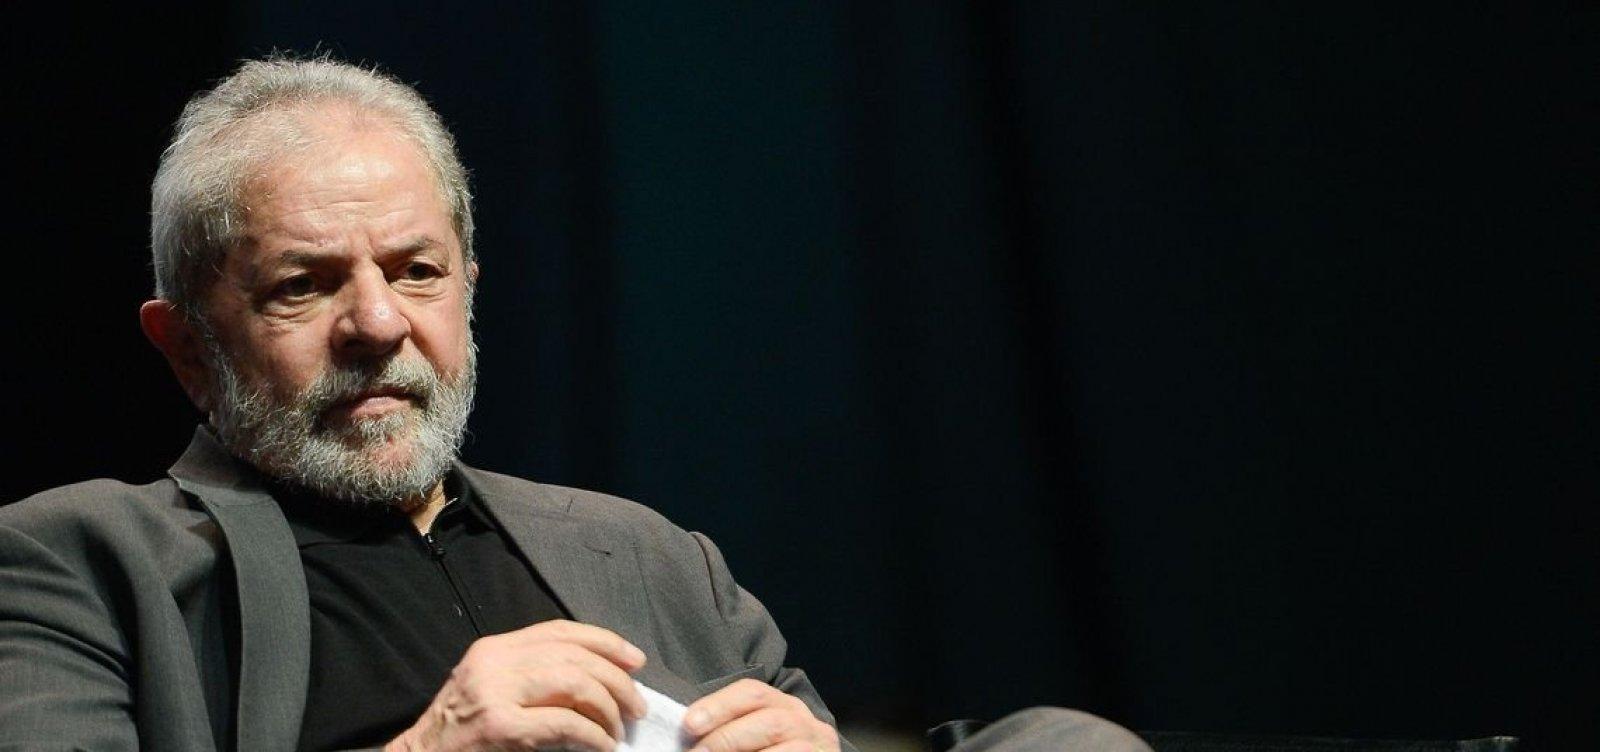 [Defesa de Lula diz que pedido para anular condenação é 'tentativa de manipular a verdade']